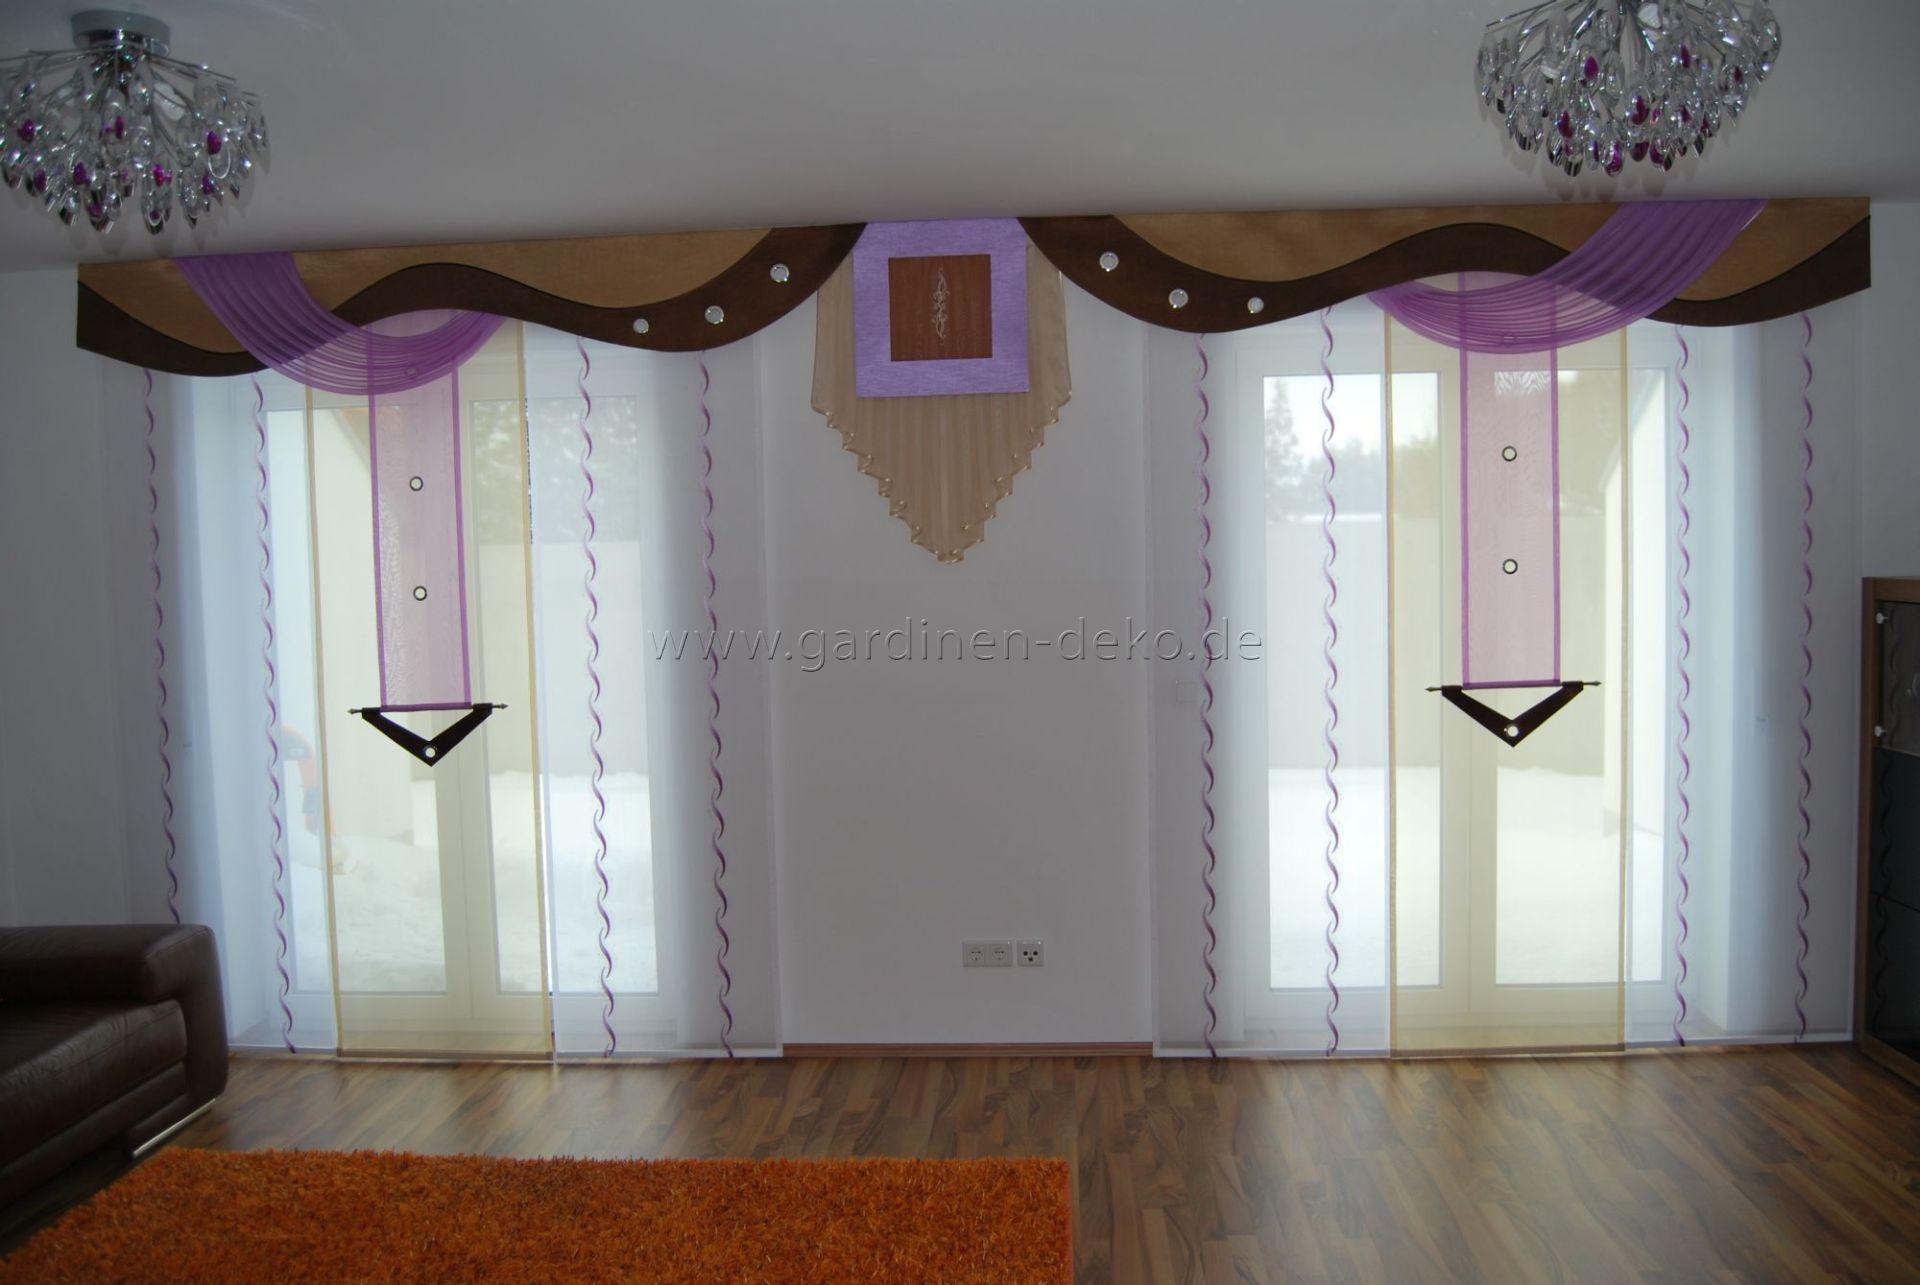 Wohnzimmer Schiebevorhang in lila-beige mit braunen Bogen ...